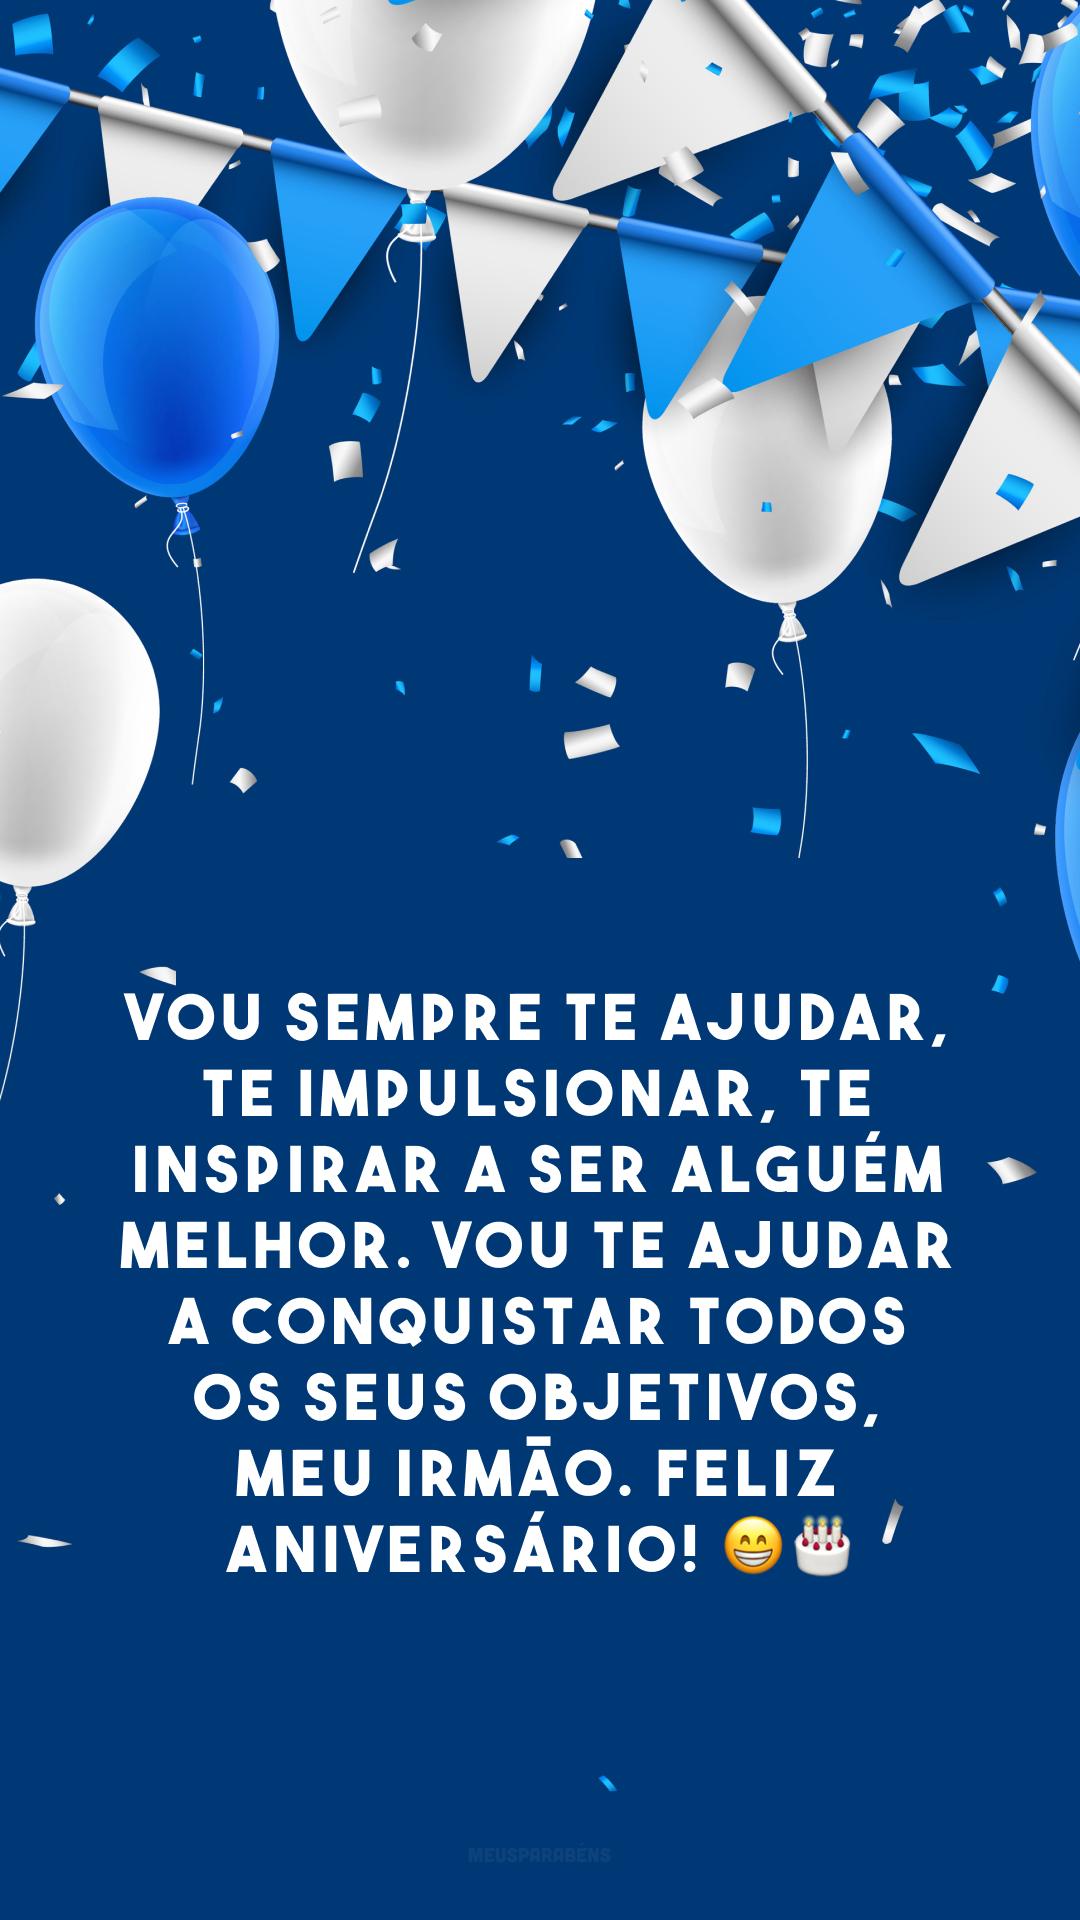 Vou sempre te ajudar, te impulsionar, te inspirar a ser alguém melhor. Vou te ajudar a conquistar todos os seus objetivos, meu irmão. Feliz aniversário! 😁🎂